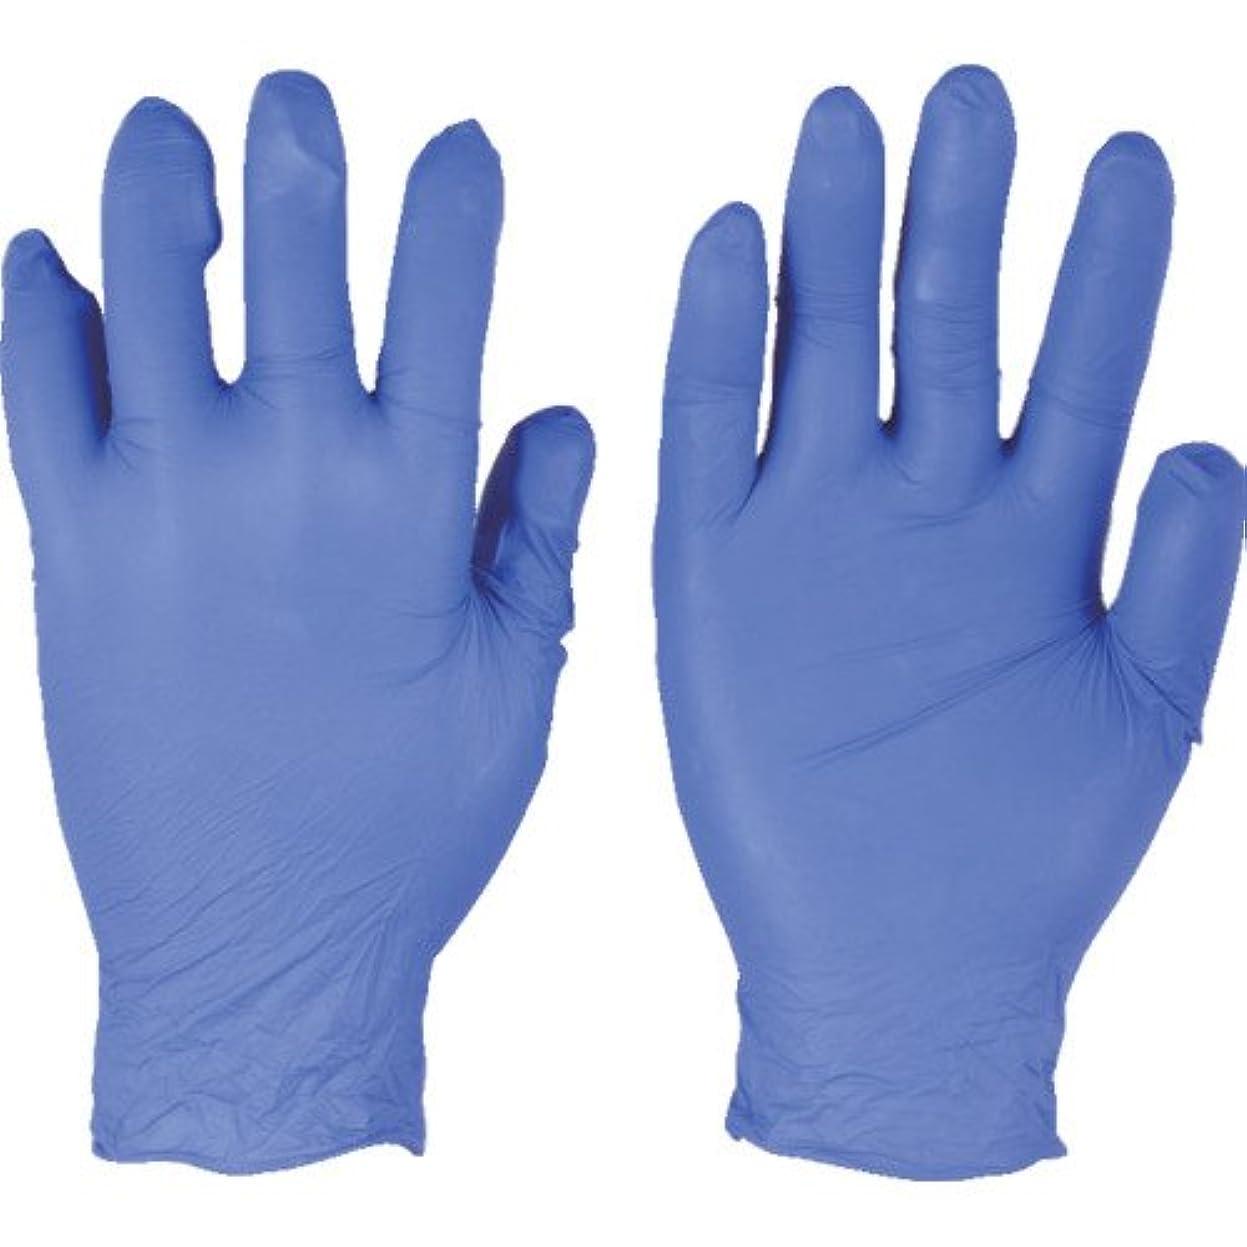 操作可能大いに警告トラスコ中山 アンセル ニトリルゴム使い捨て手袋 エッジ 82-133 Sサイズ(300枚入り)  (300枚入) 821337